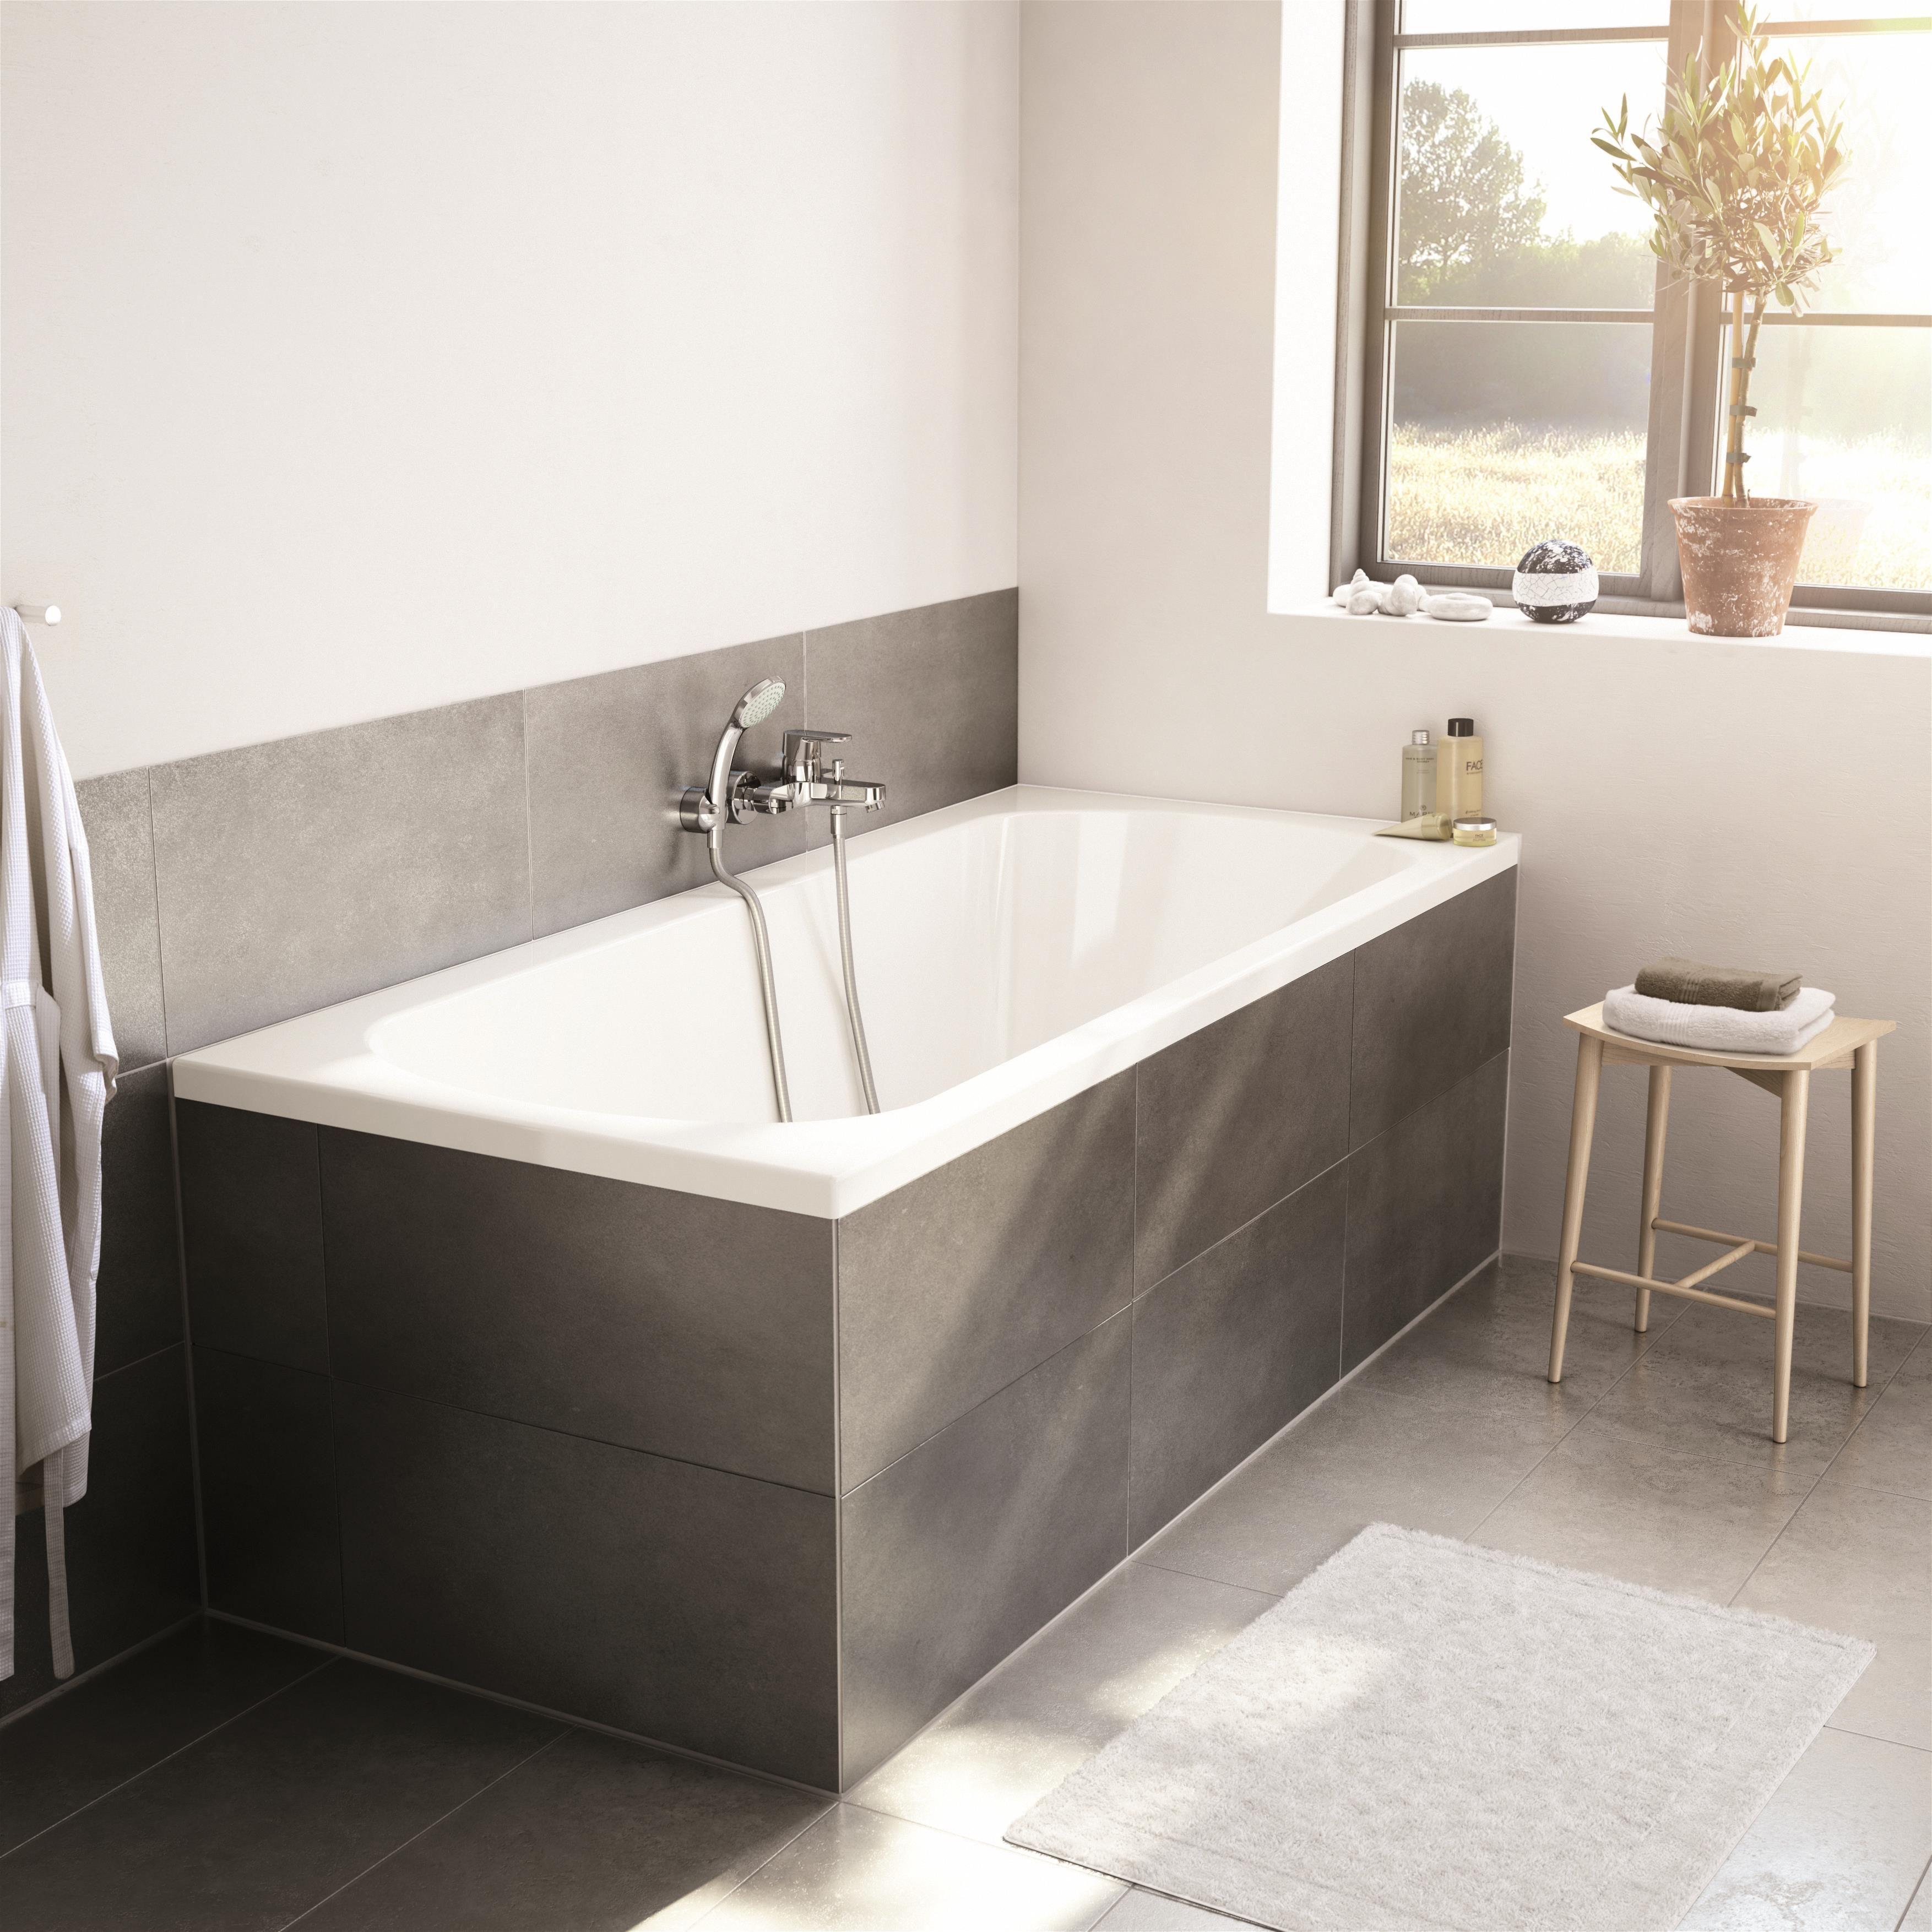 Idėja Kaip įrengti Sviesų Ir Modernų Vonios Kambarį Unideco Jaukurai Vonioskambarys Interjer Bathroom Design Small Open Living Room Design Bathroom Design